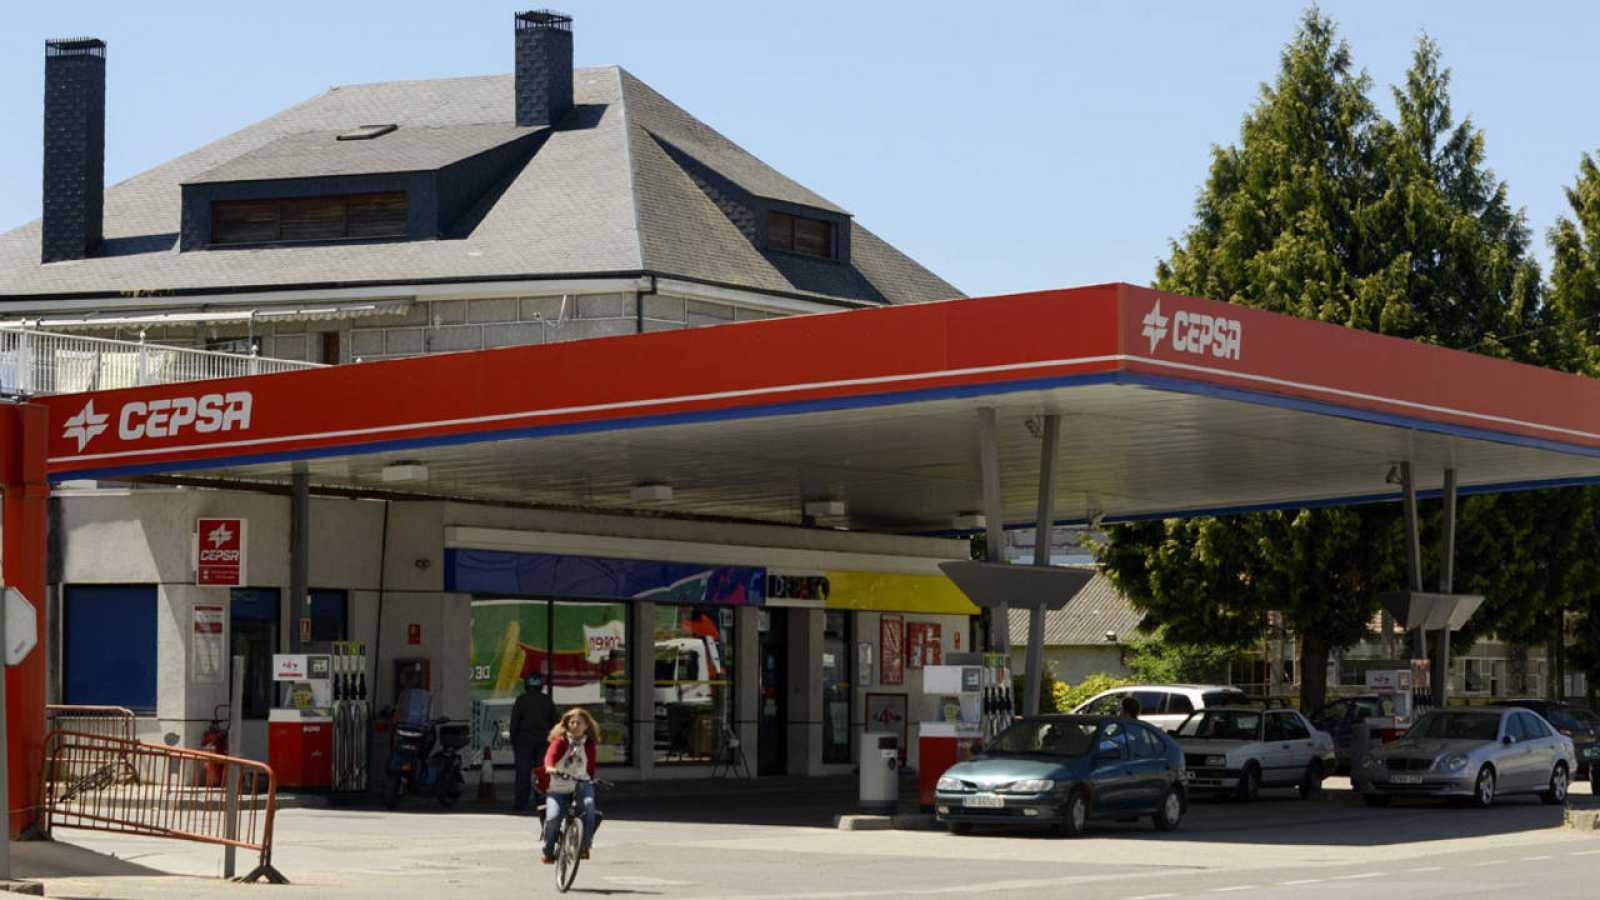 Una gasolinera de Cepsa en una imagen de archivo